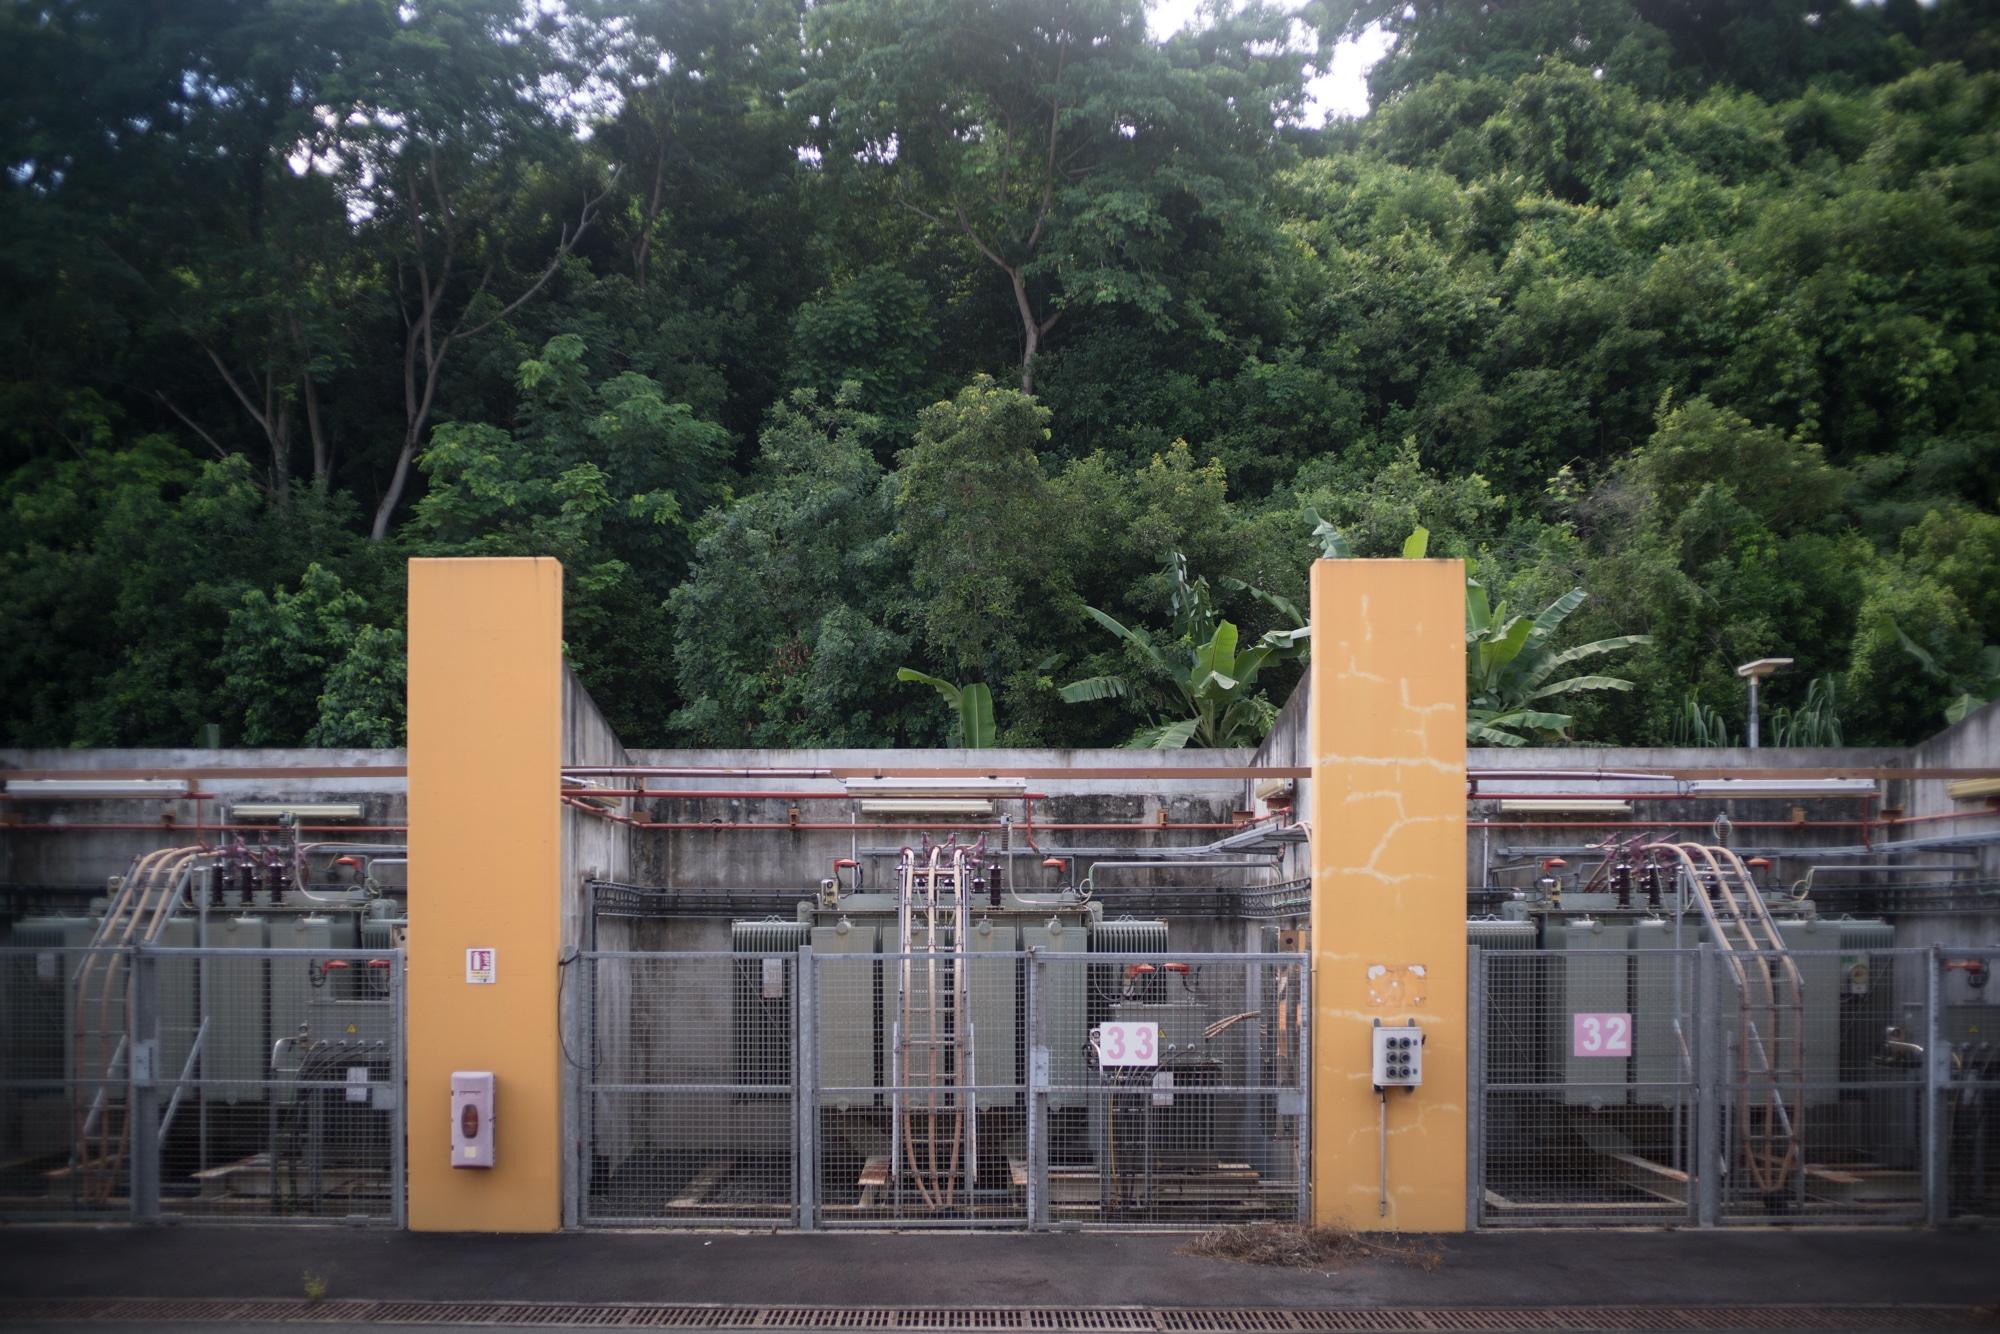 Des installations électriques sont séparées par des murets orange, à l'extérieur. Au fond, une forêt luxuriante.